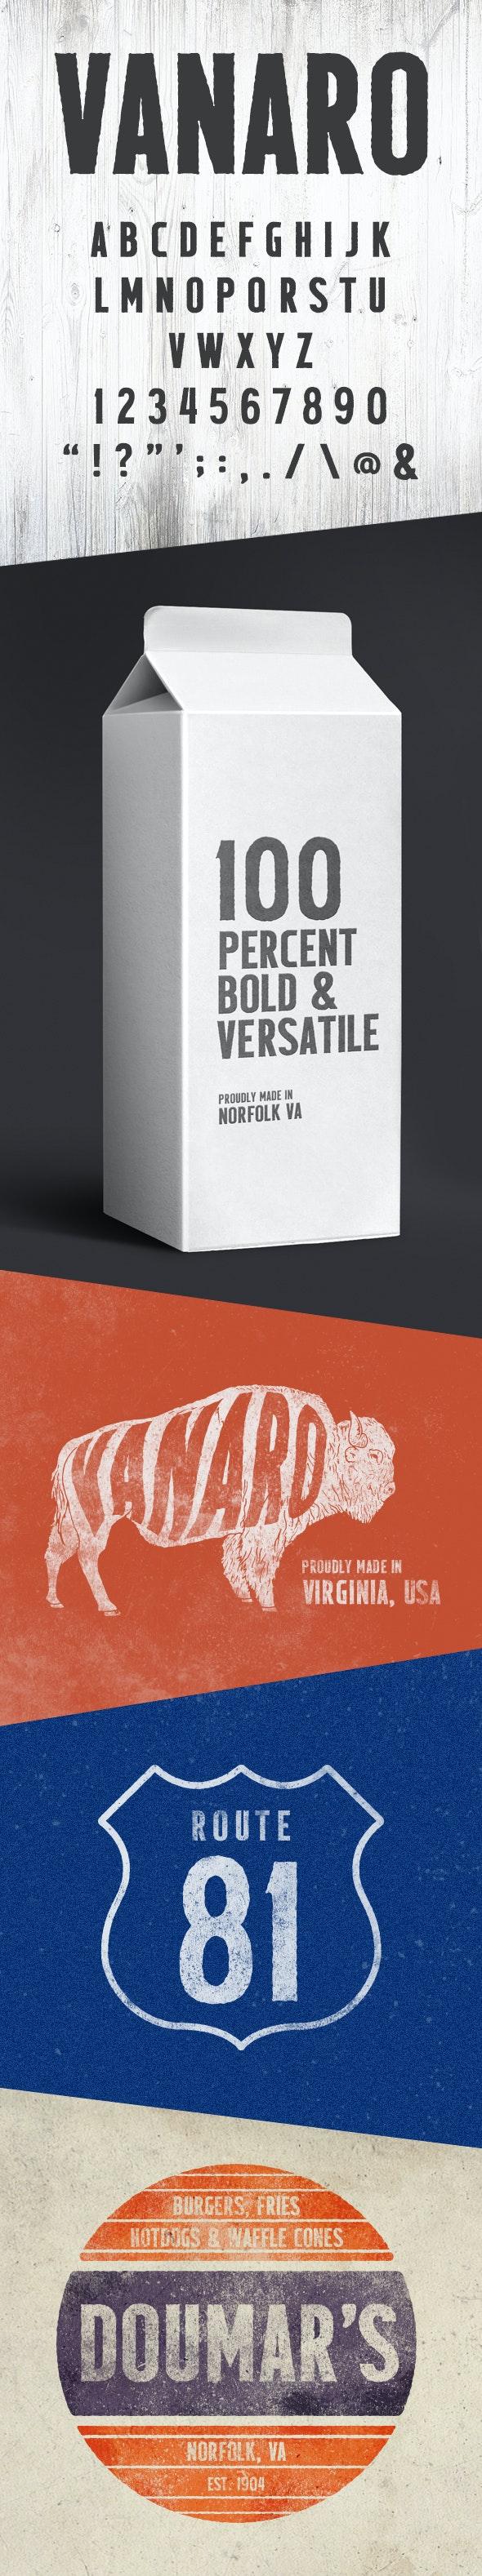 VANARO - Fonts